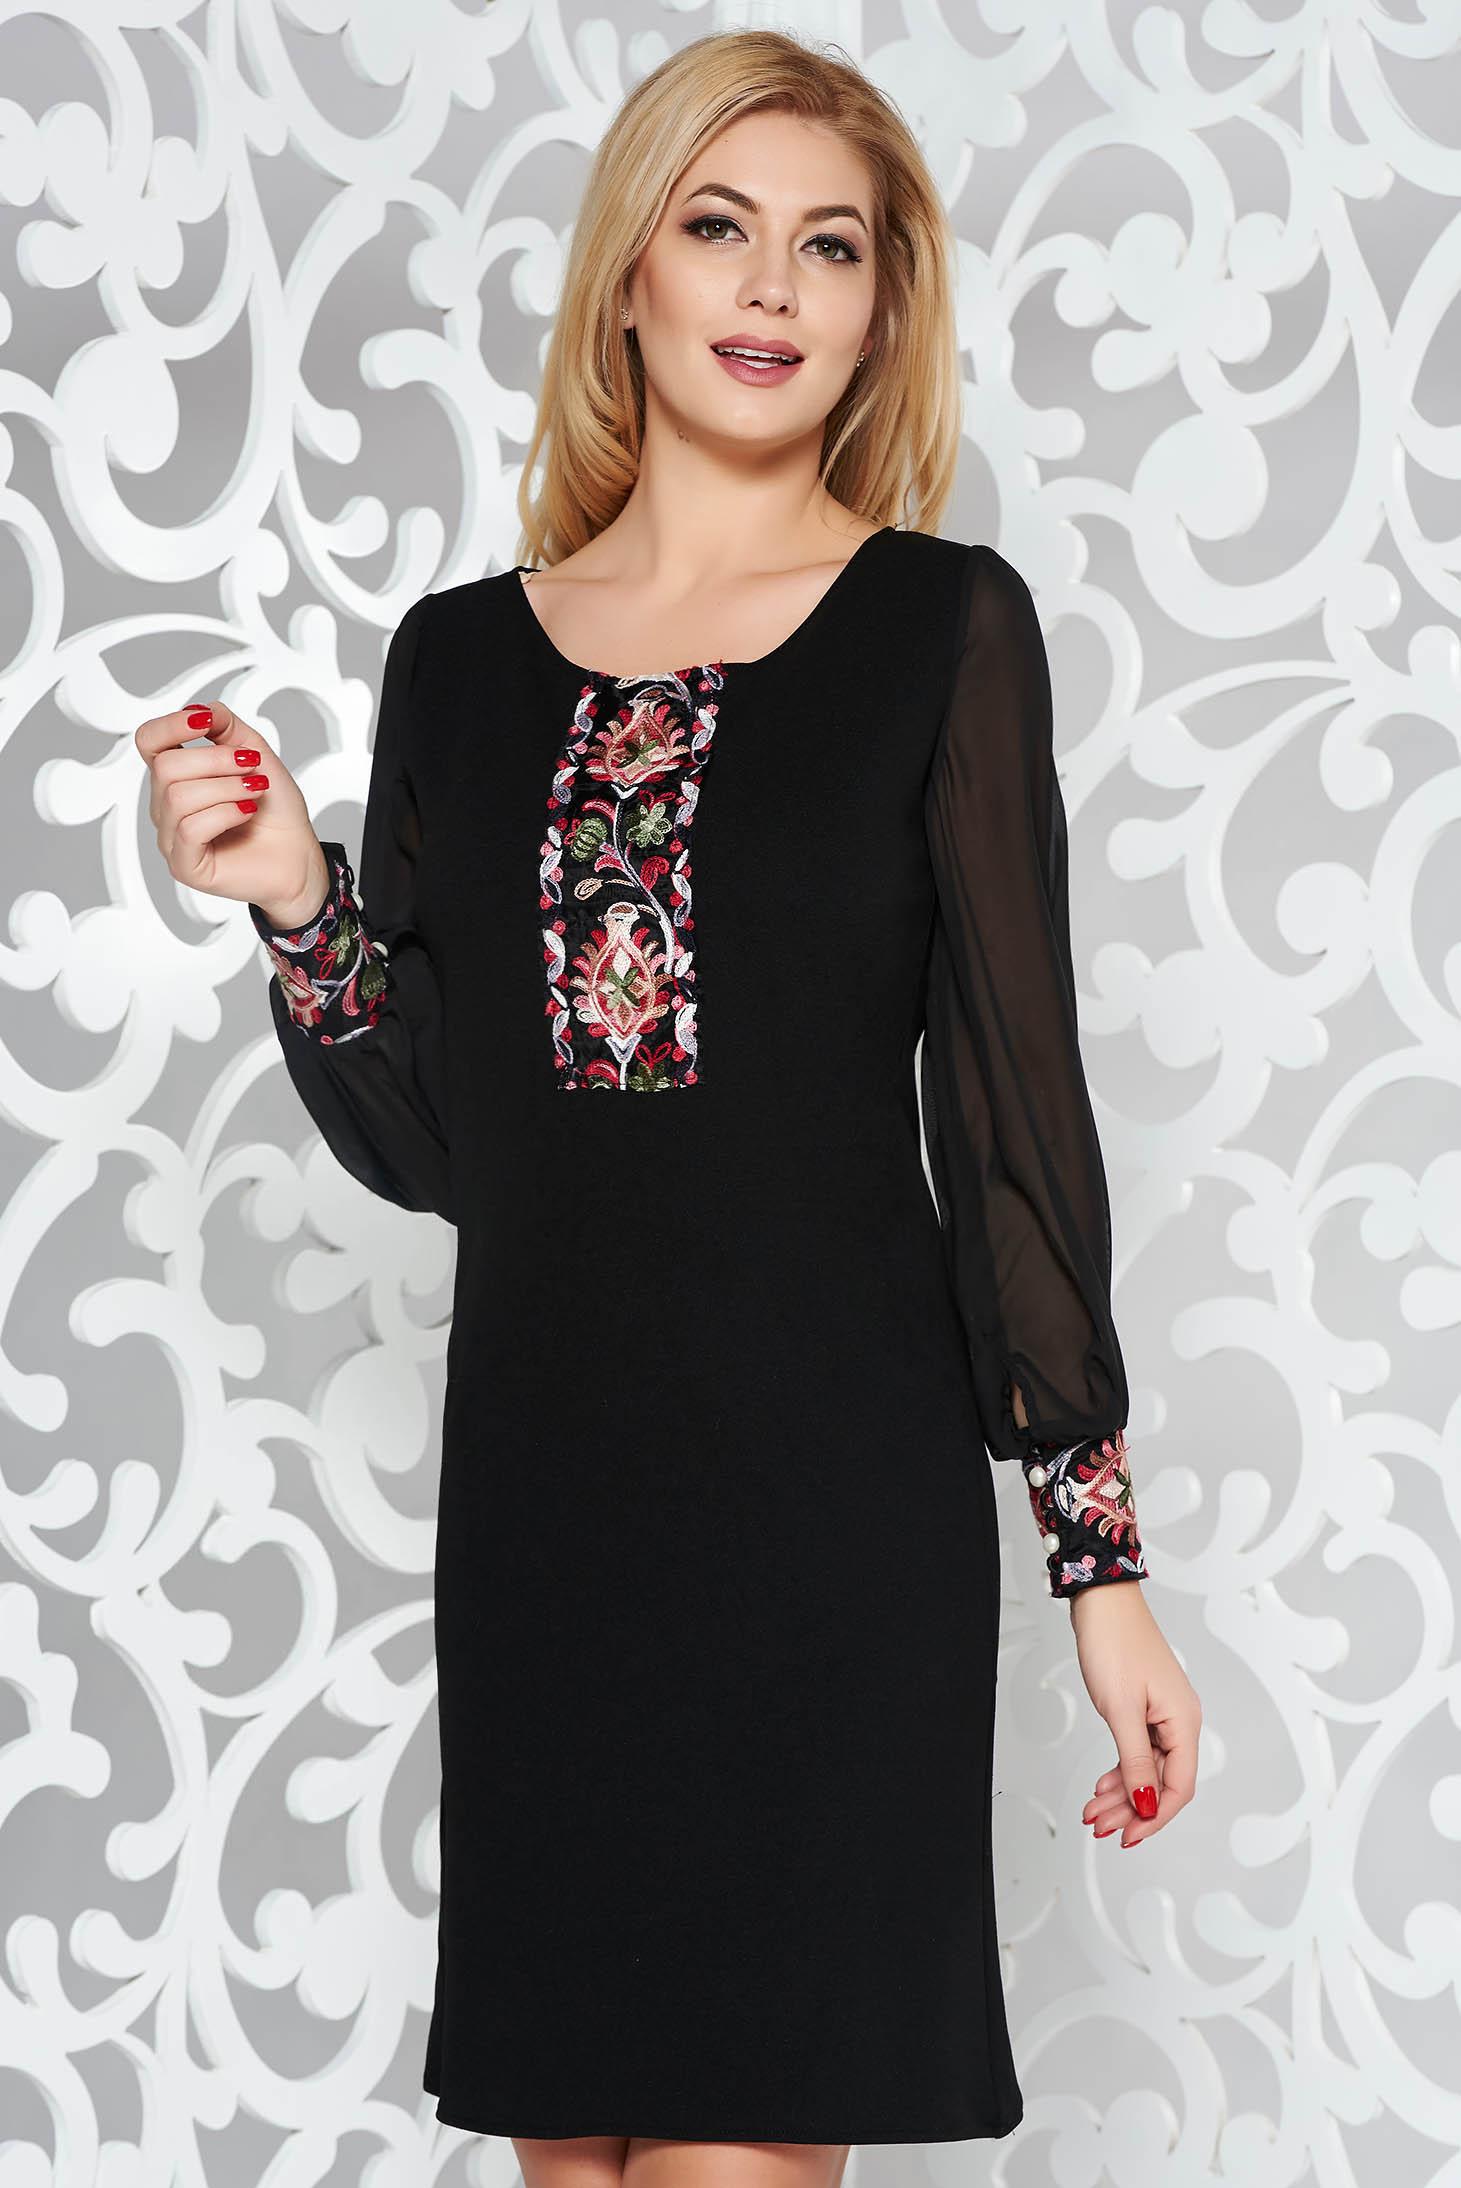 07caa575e4 Fekete elegáns bő szabású ruha átlátszó ujj hímzett betétekkel